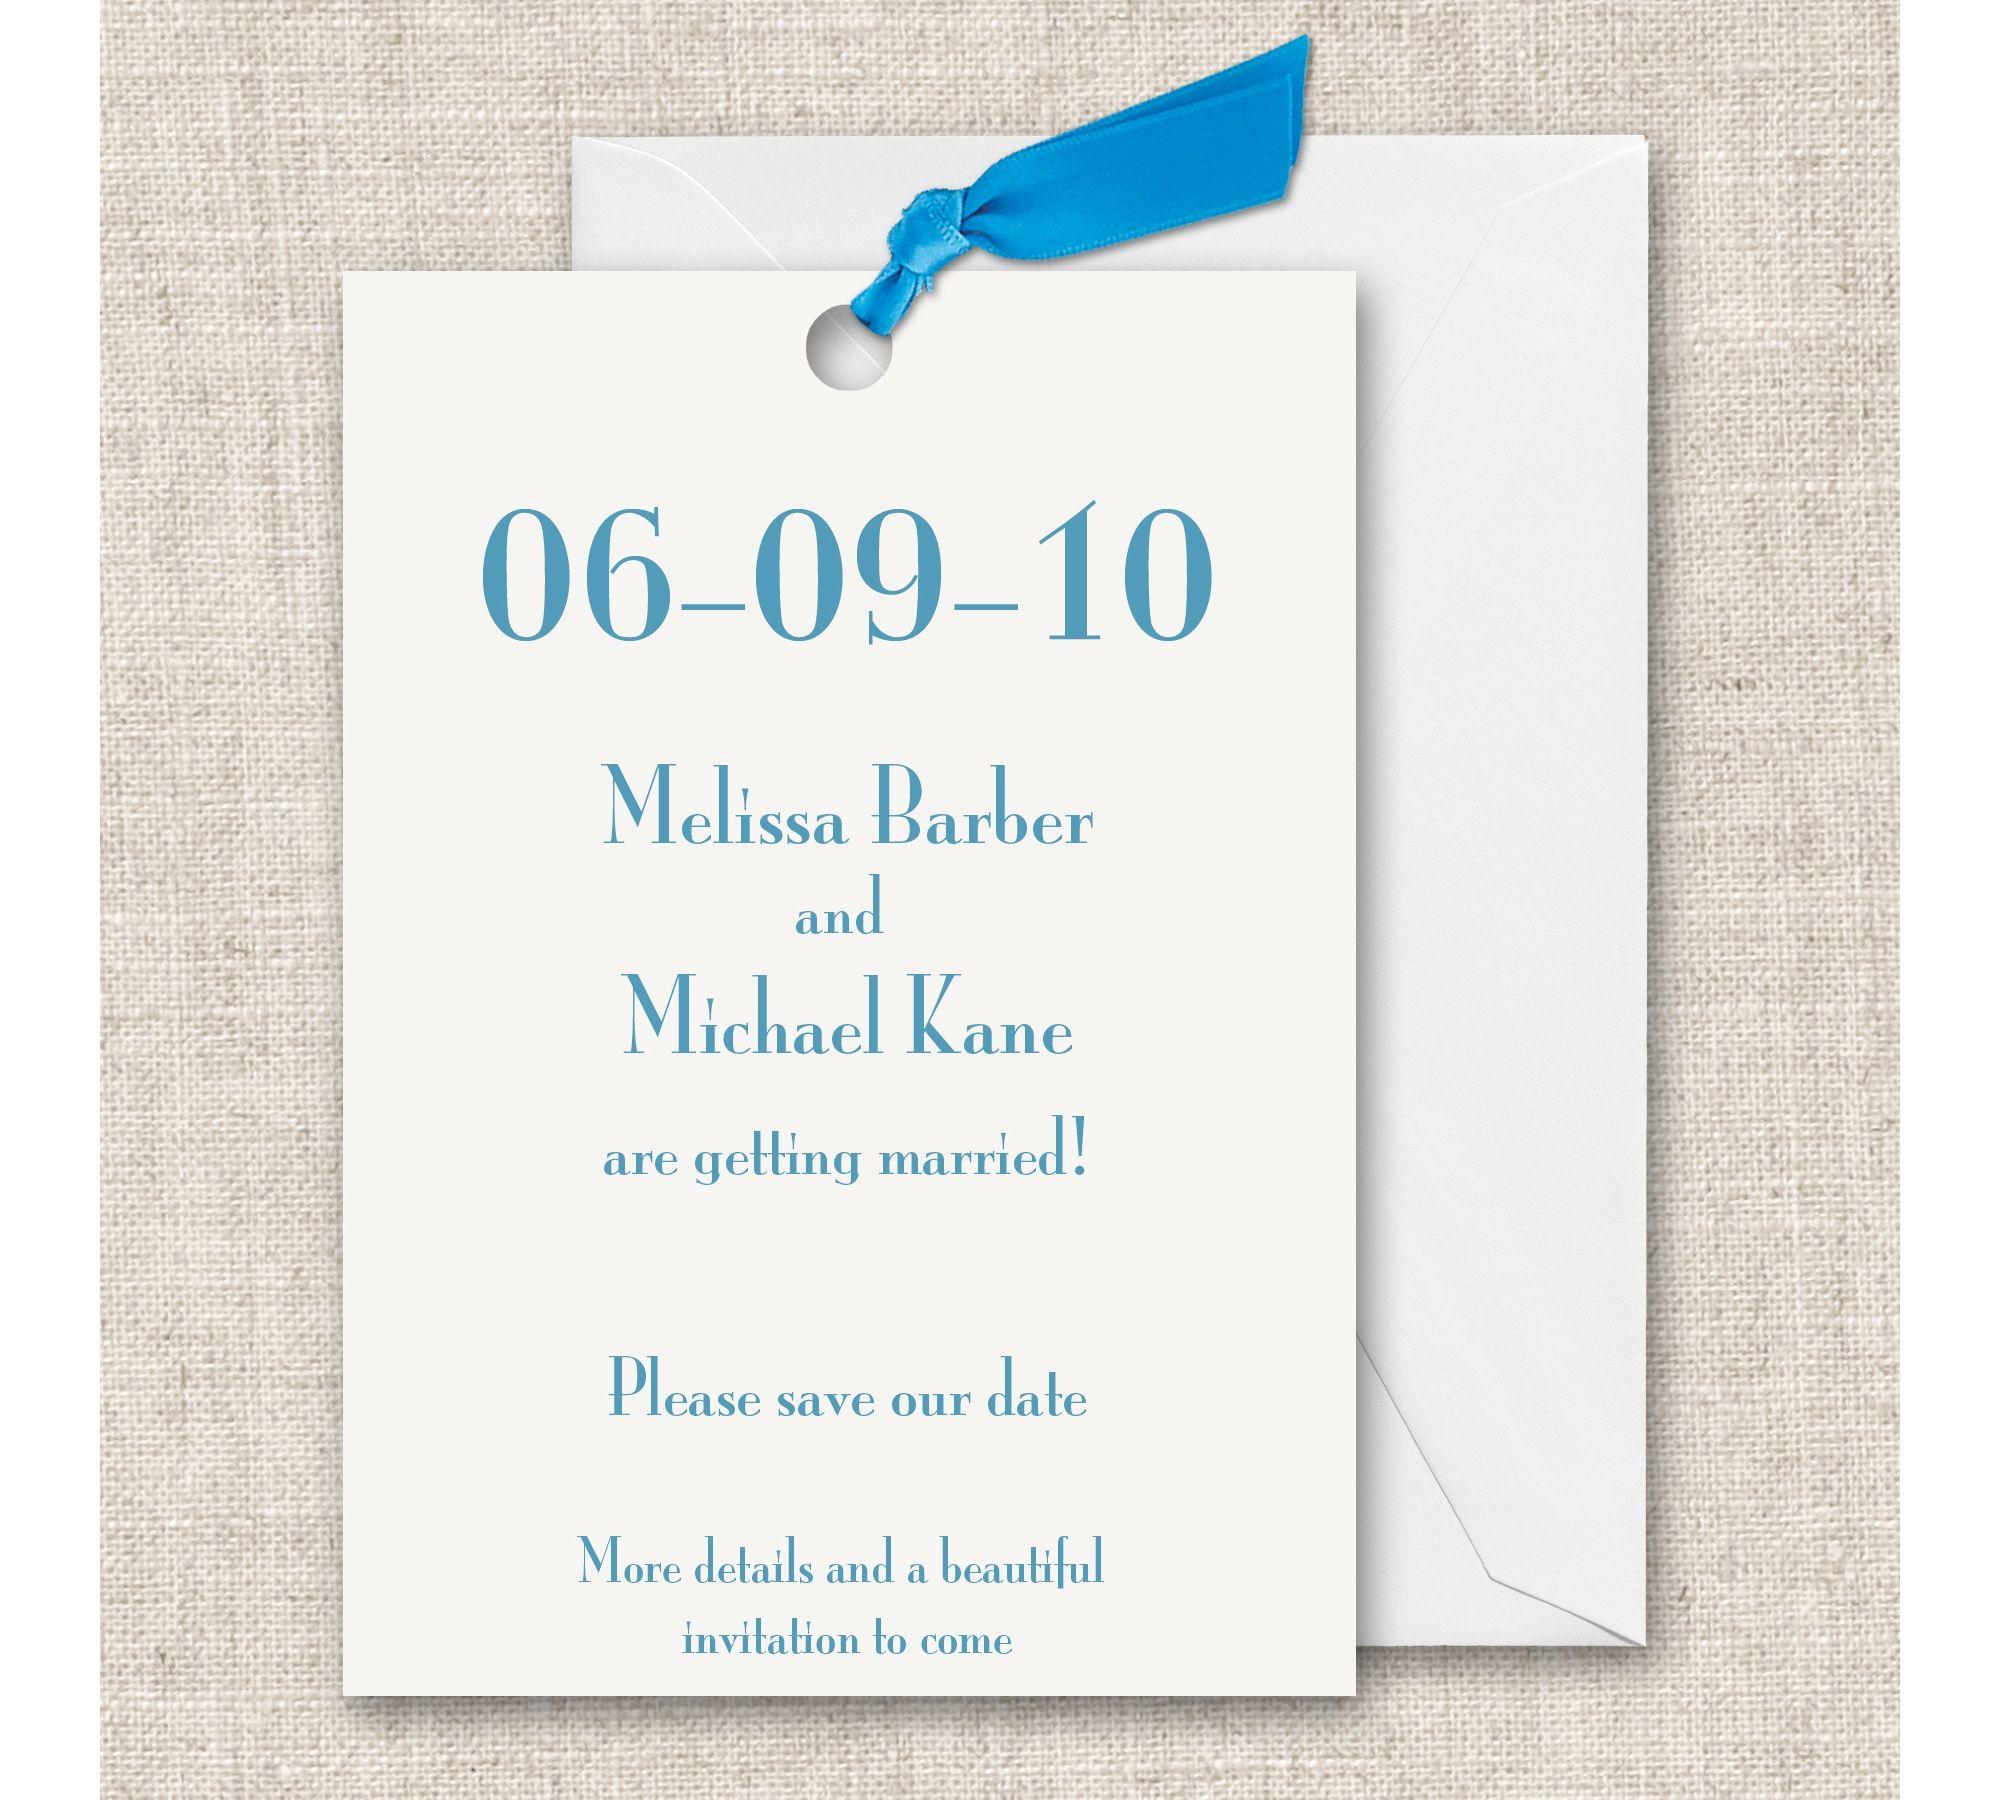 """I save the date vanno molto di moda negli USA, permettono agli ospiti di sapere che """"quel giorno"""" saranno impegnati, anche se gli sposi non hanno ancora deciso la location."""